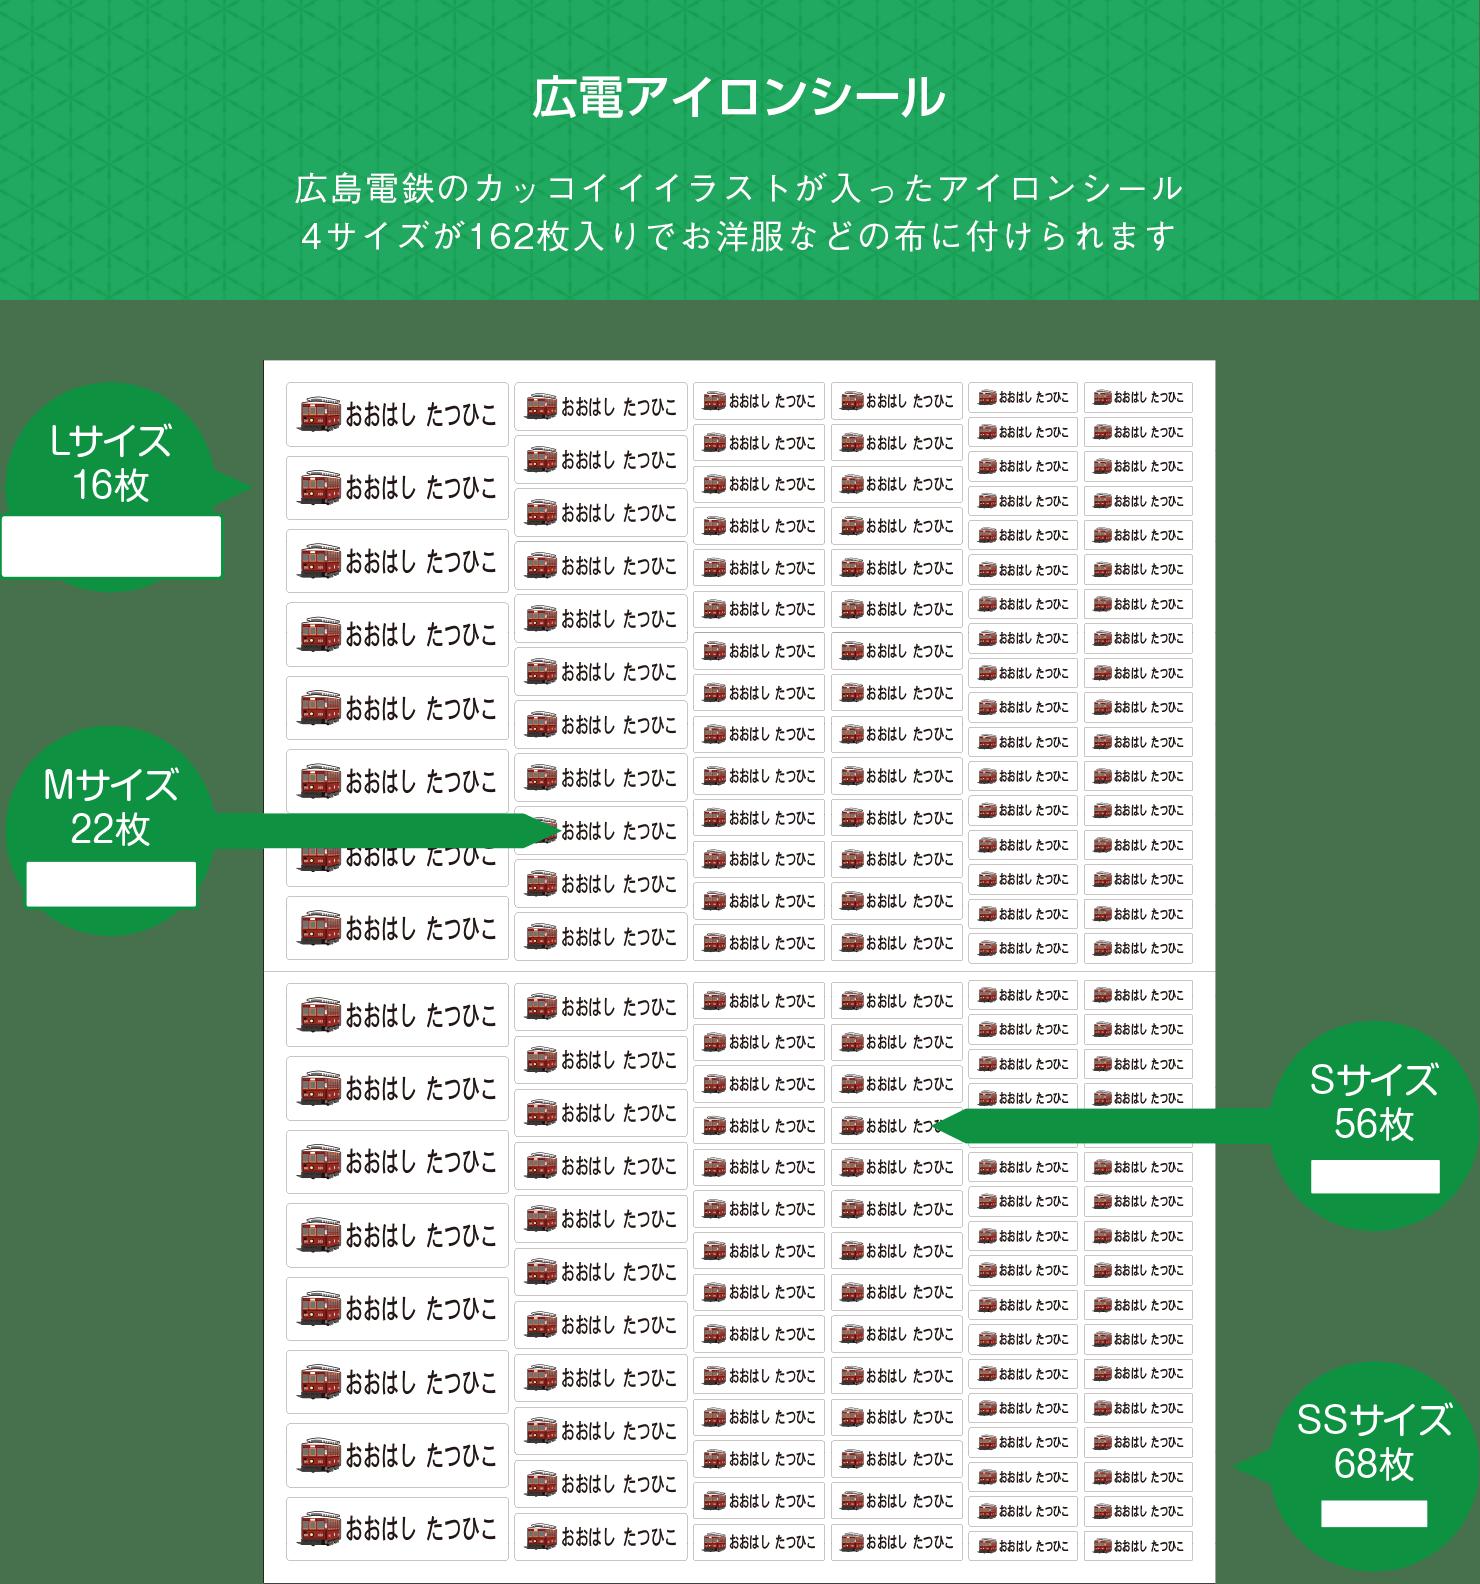 広電アイロンシール 広島電鉄のカッコイイイラストが入ったアイロンシール。4サイズが162枚入りでお洋服などの布に付けられます